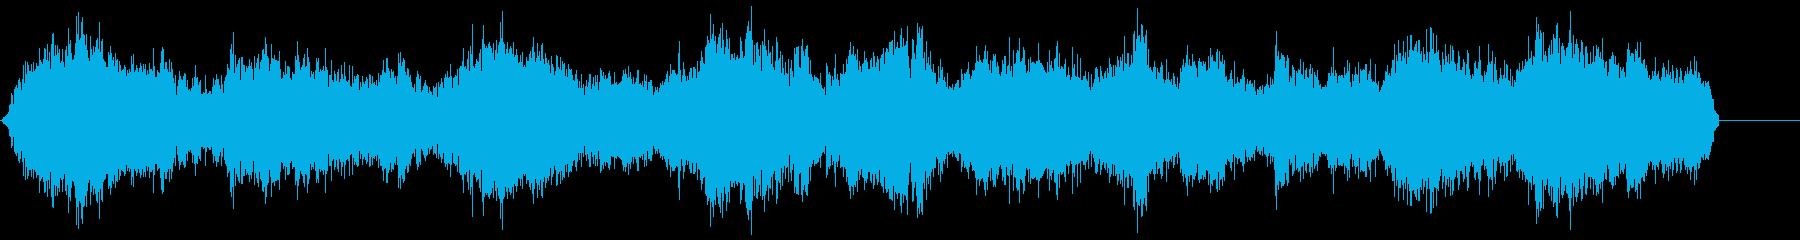 ゾンビ(グループ)うめき声1の再生済みの波形